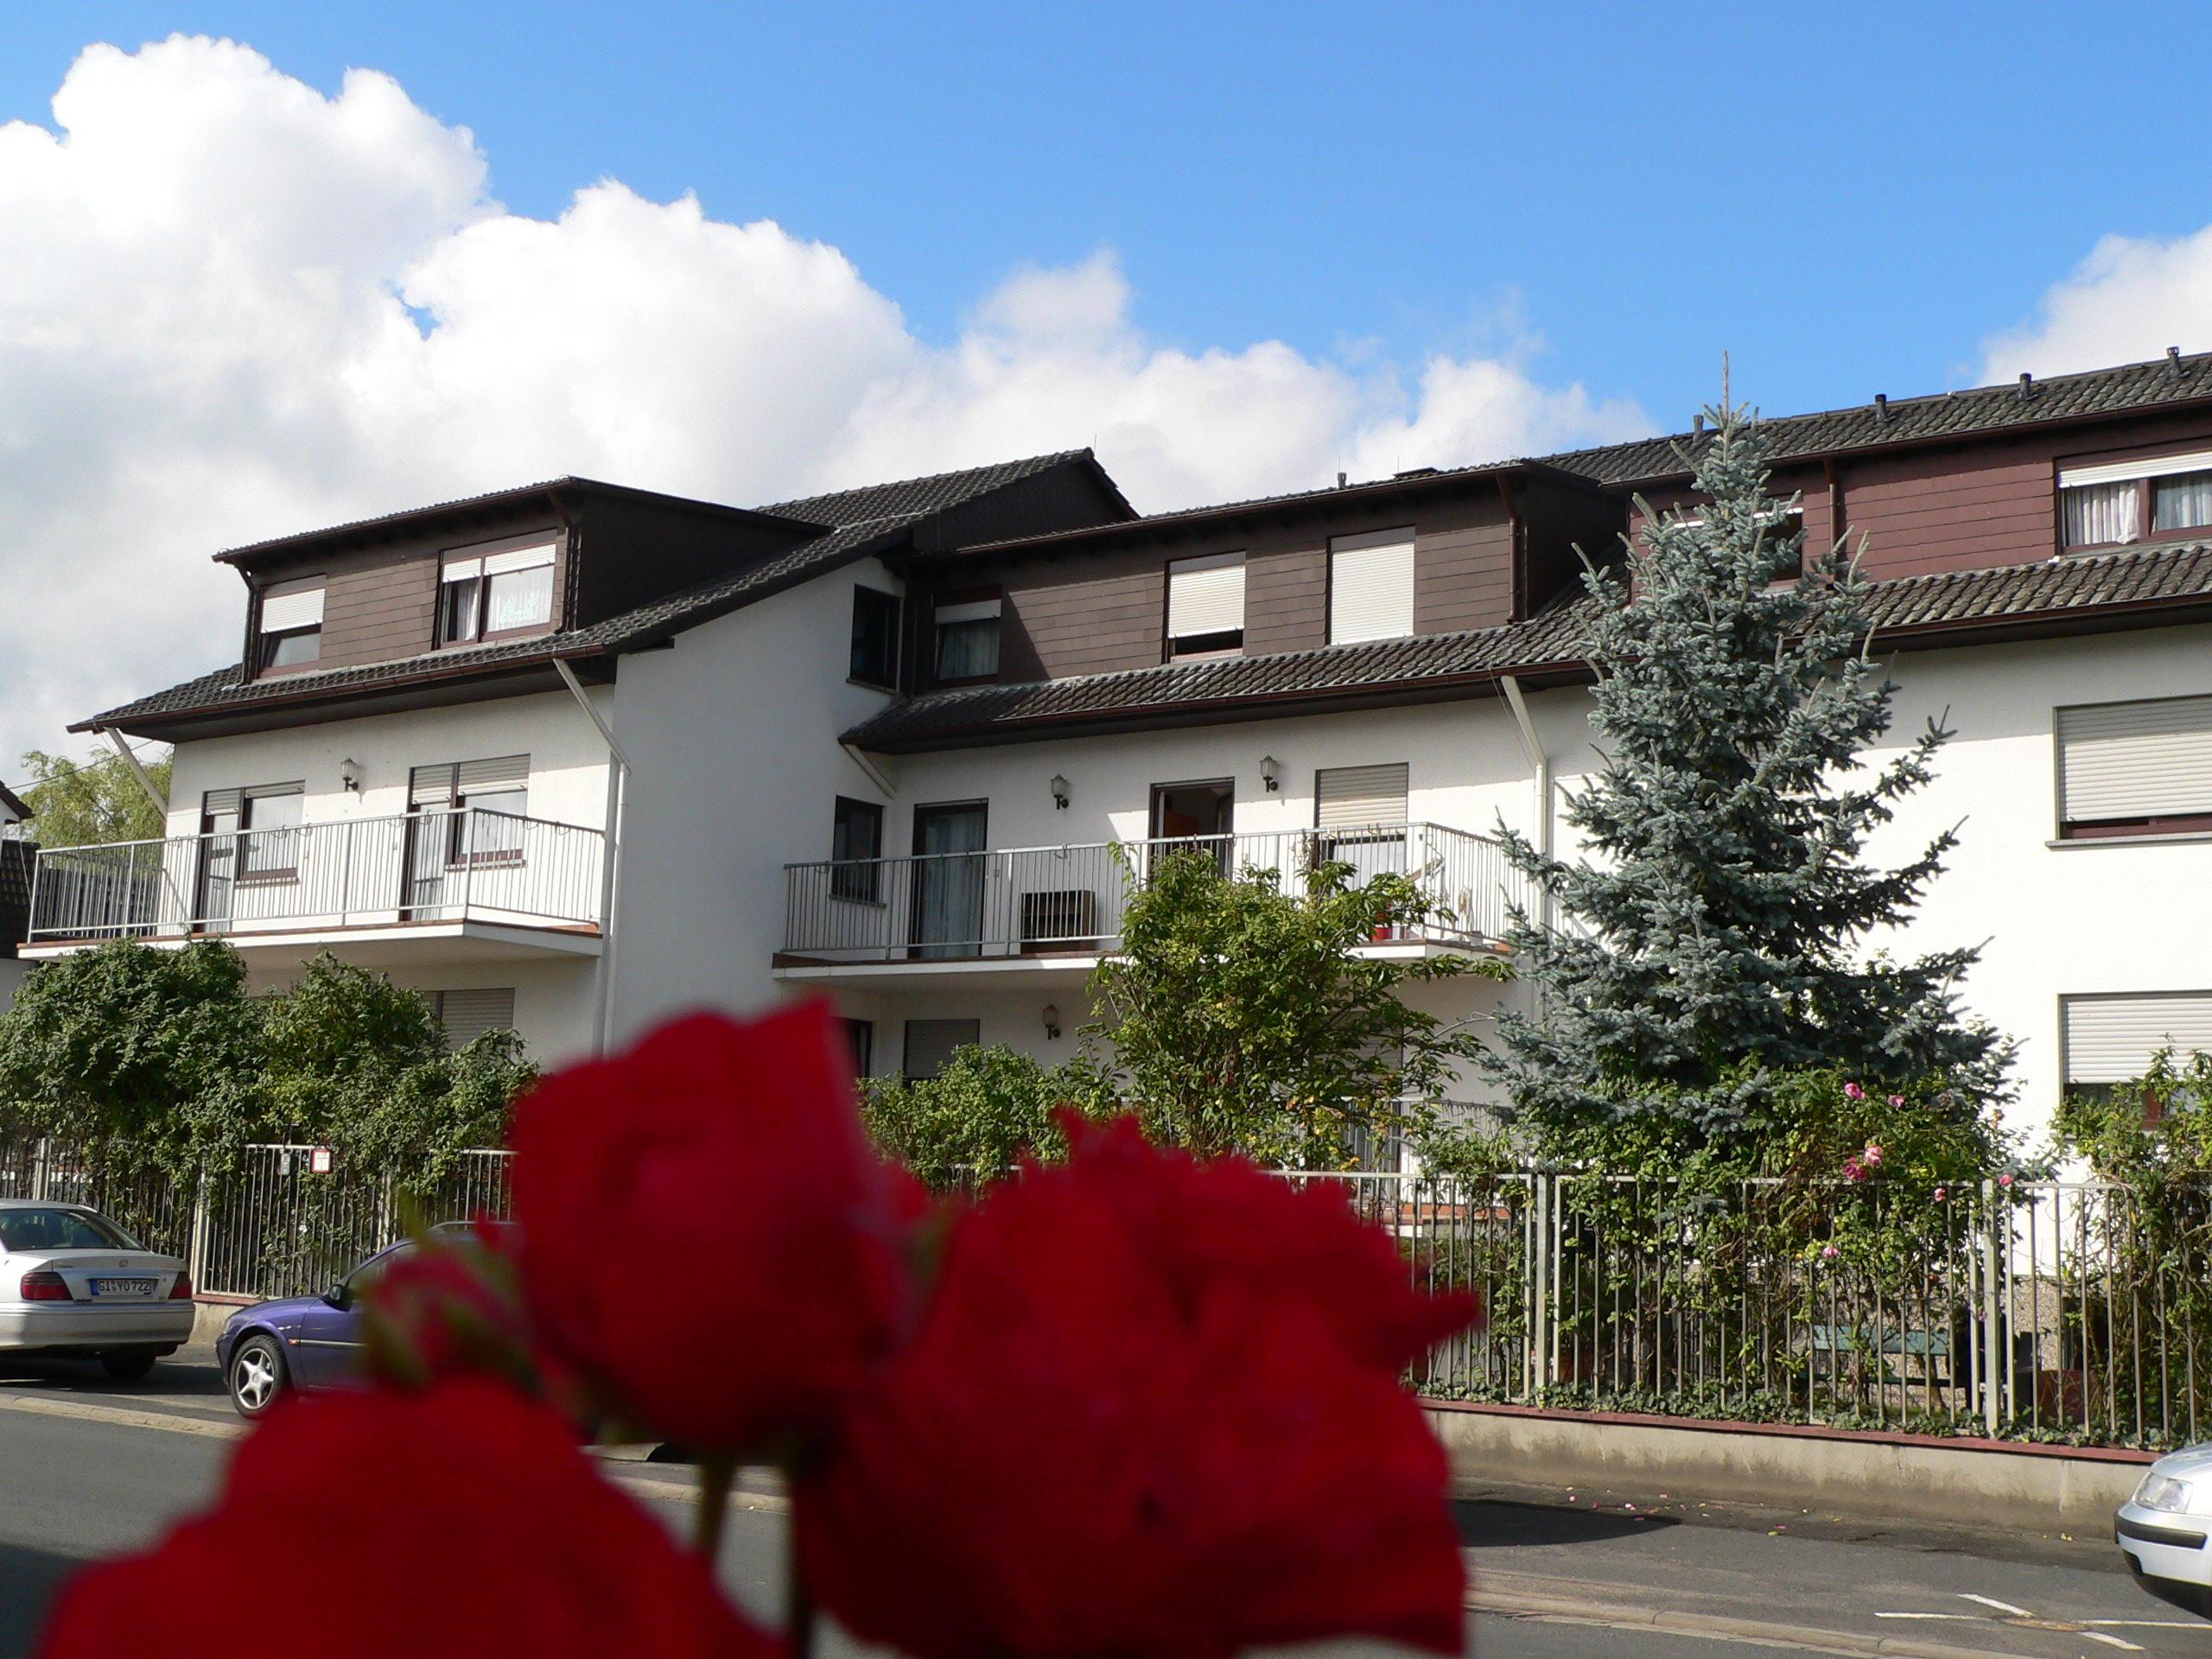 Seniorenheim Rosengarten GmbH